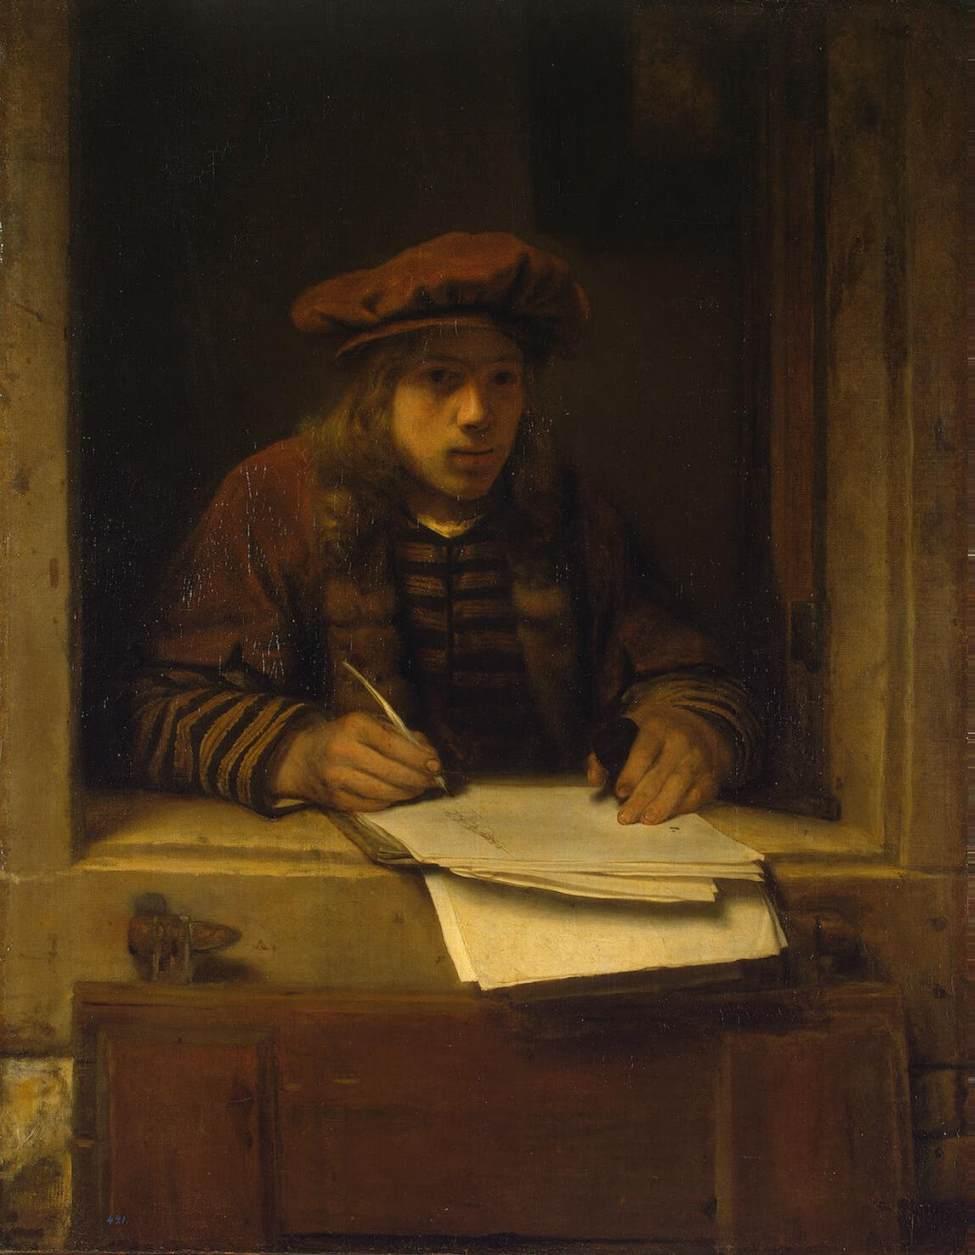 HOOGSTRATEN, Samuel van Self-Portrait 1600s